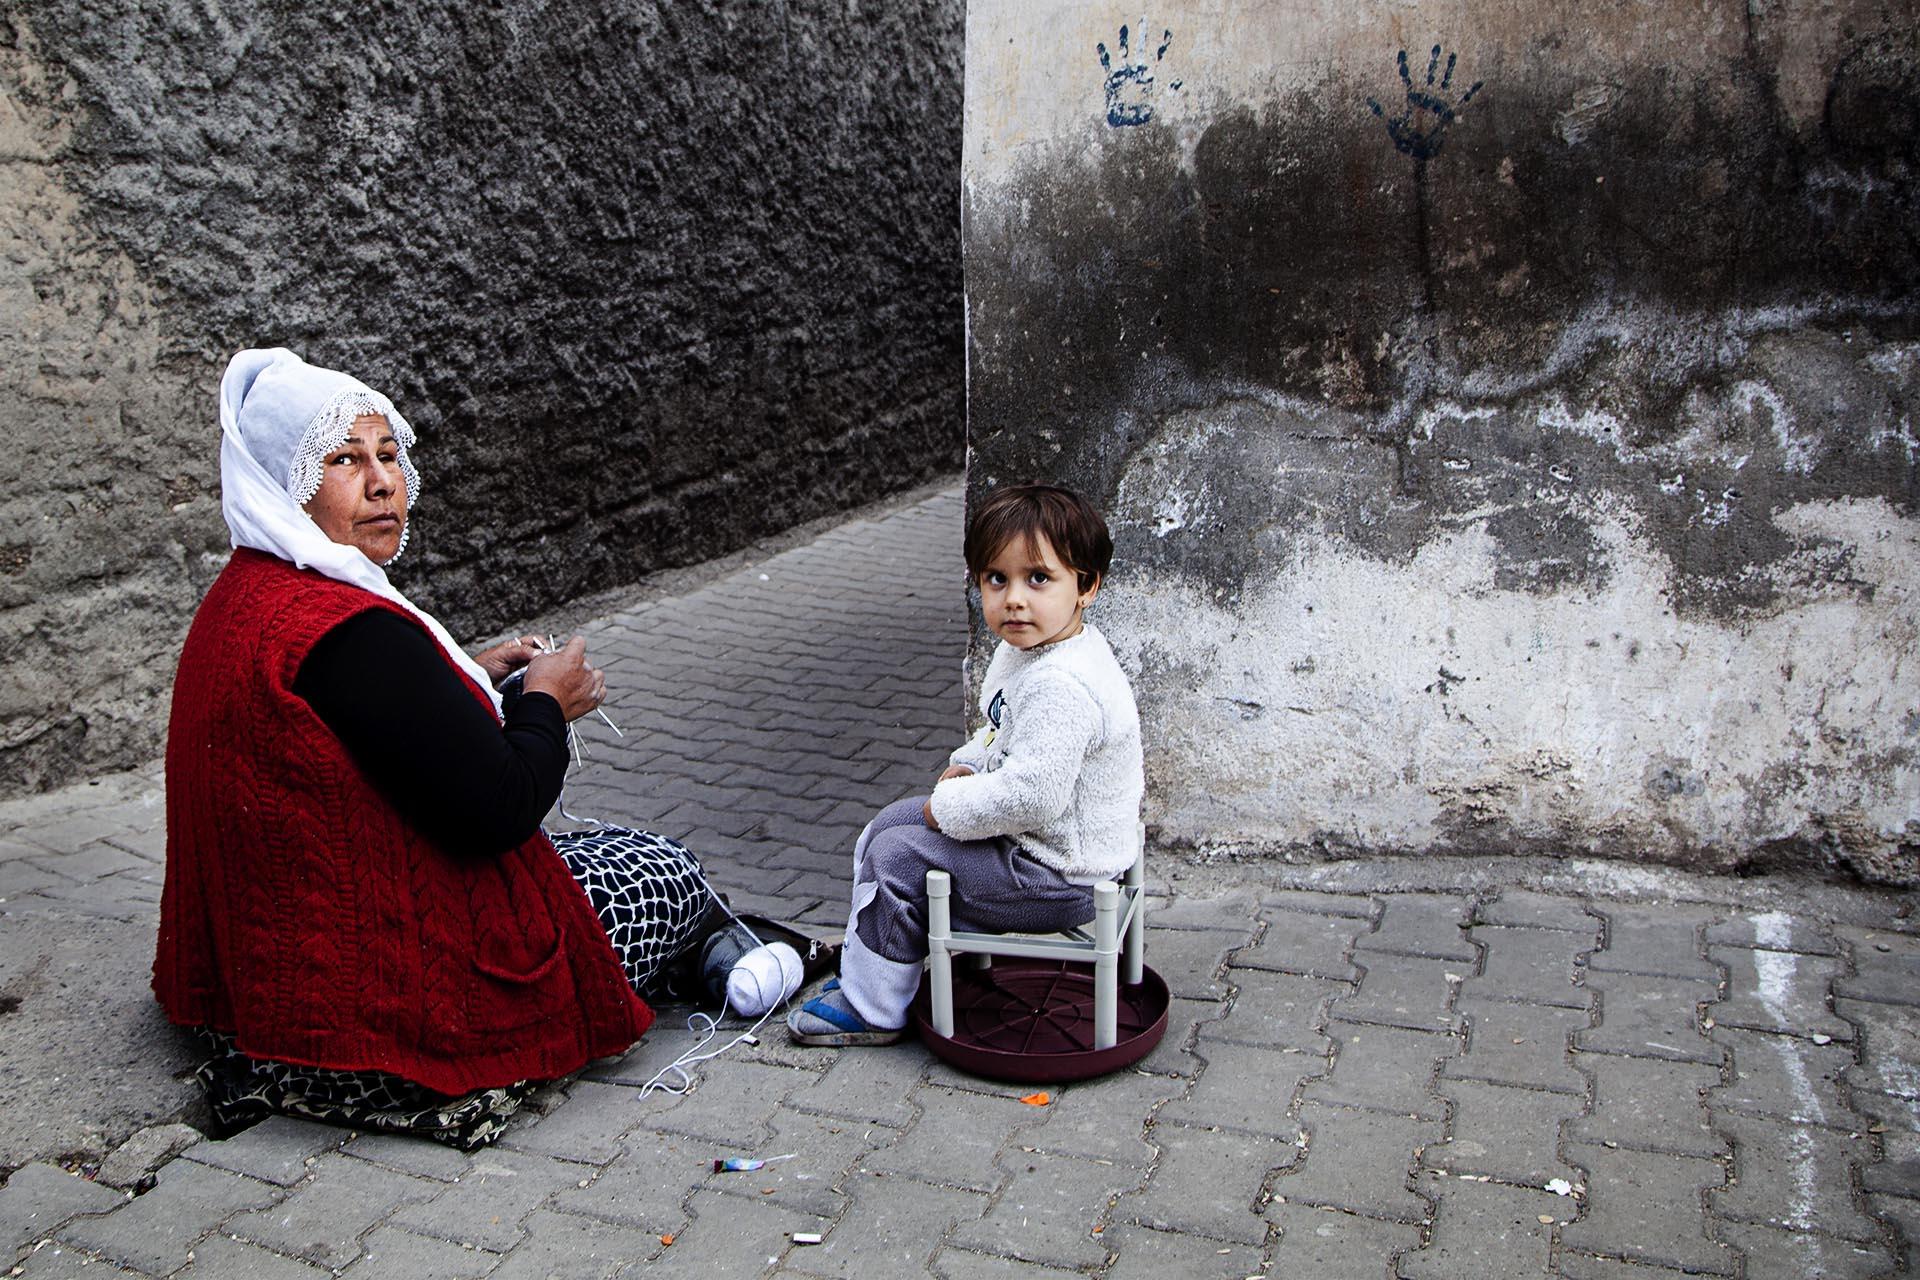 2.000 personas han muerto y hasta 500.000 han tenido que abandonar sus hogares desde 2015 debido al conflicto kurdo-turco.